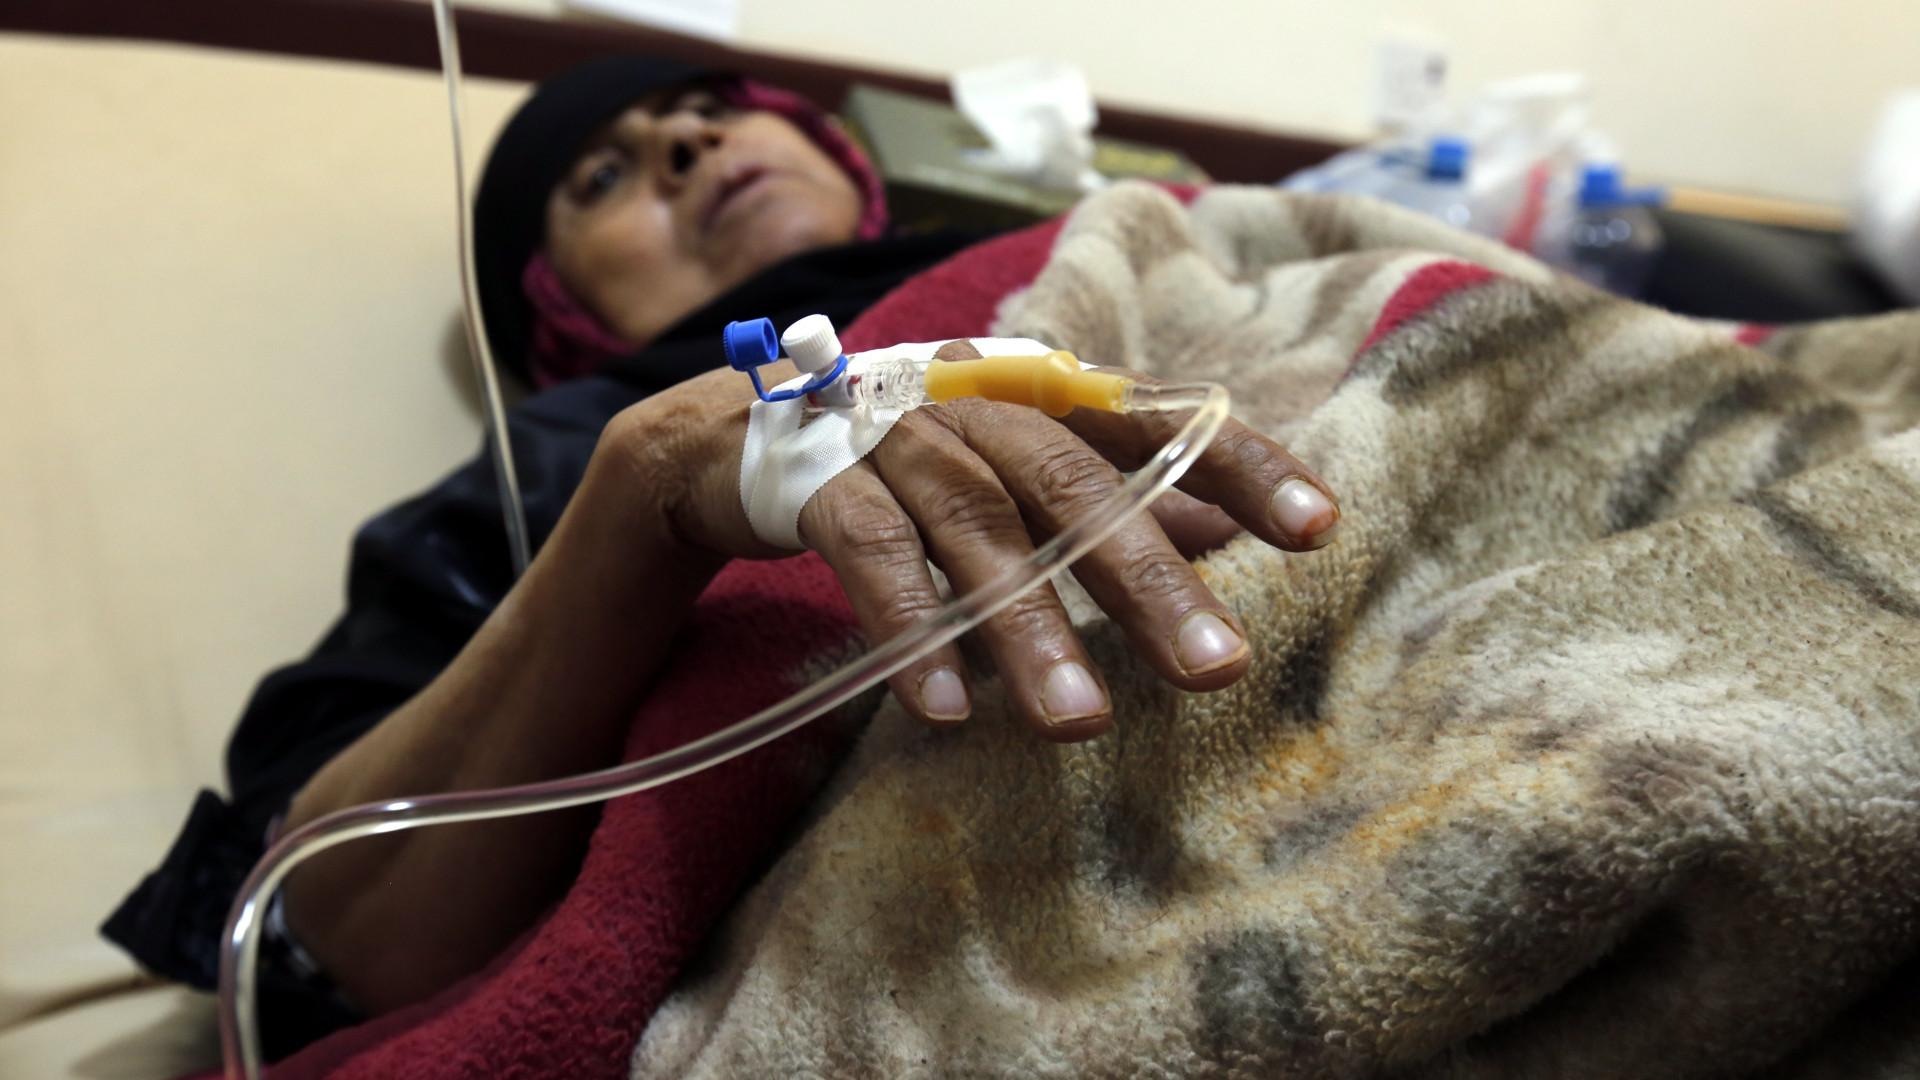 Novas vacinas e terapias com resultados promissores contra a cólera